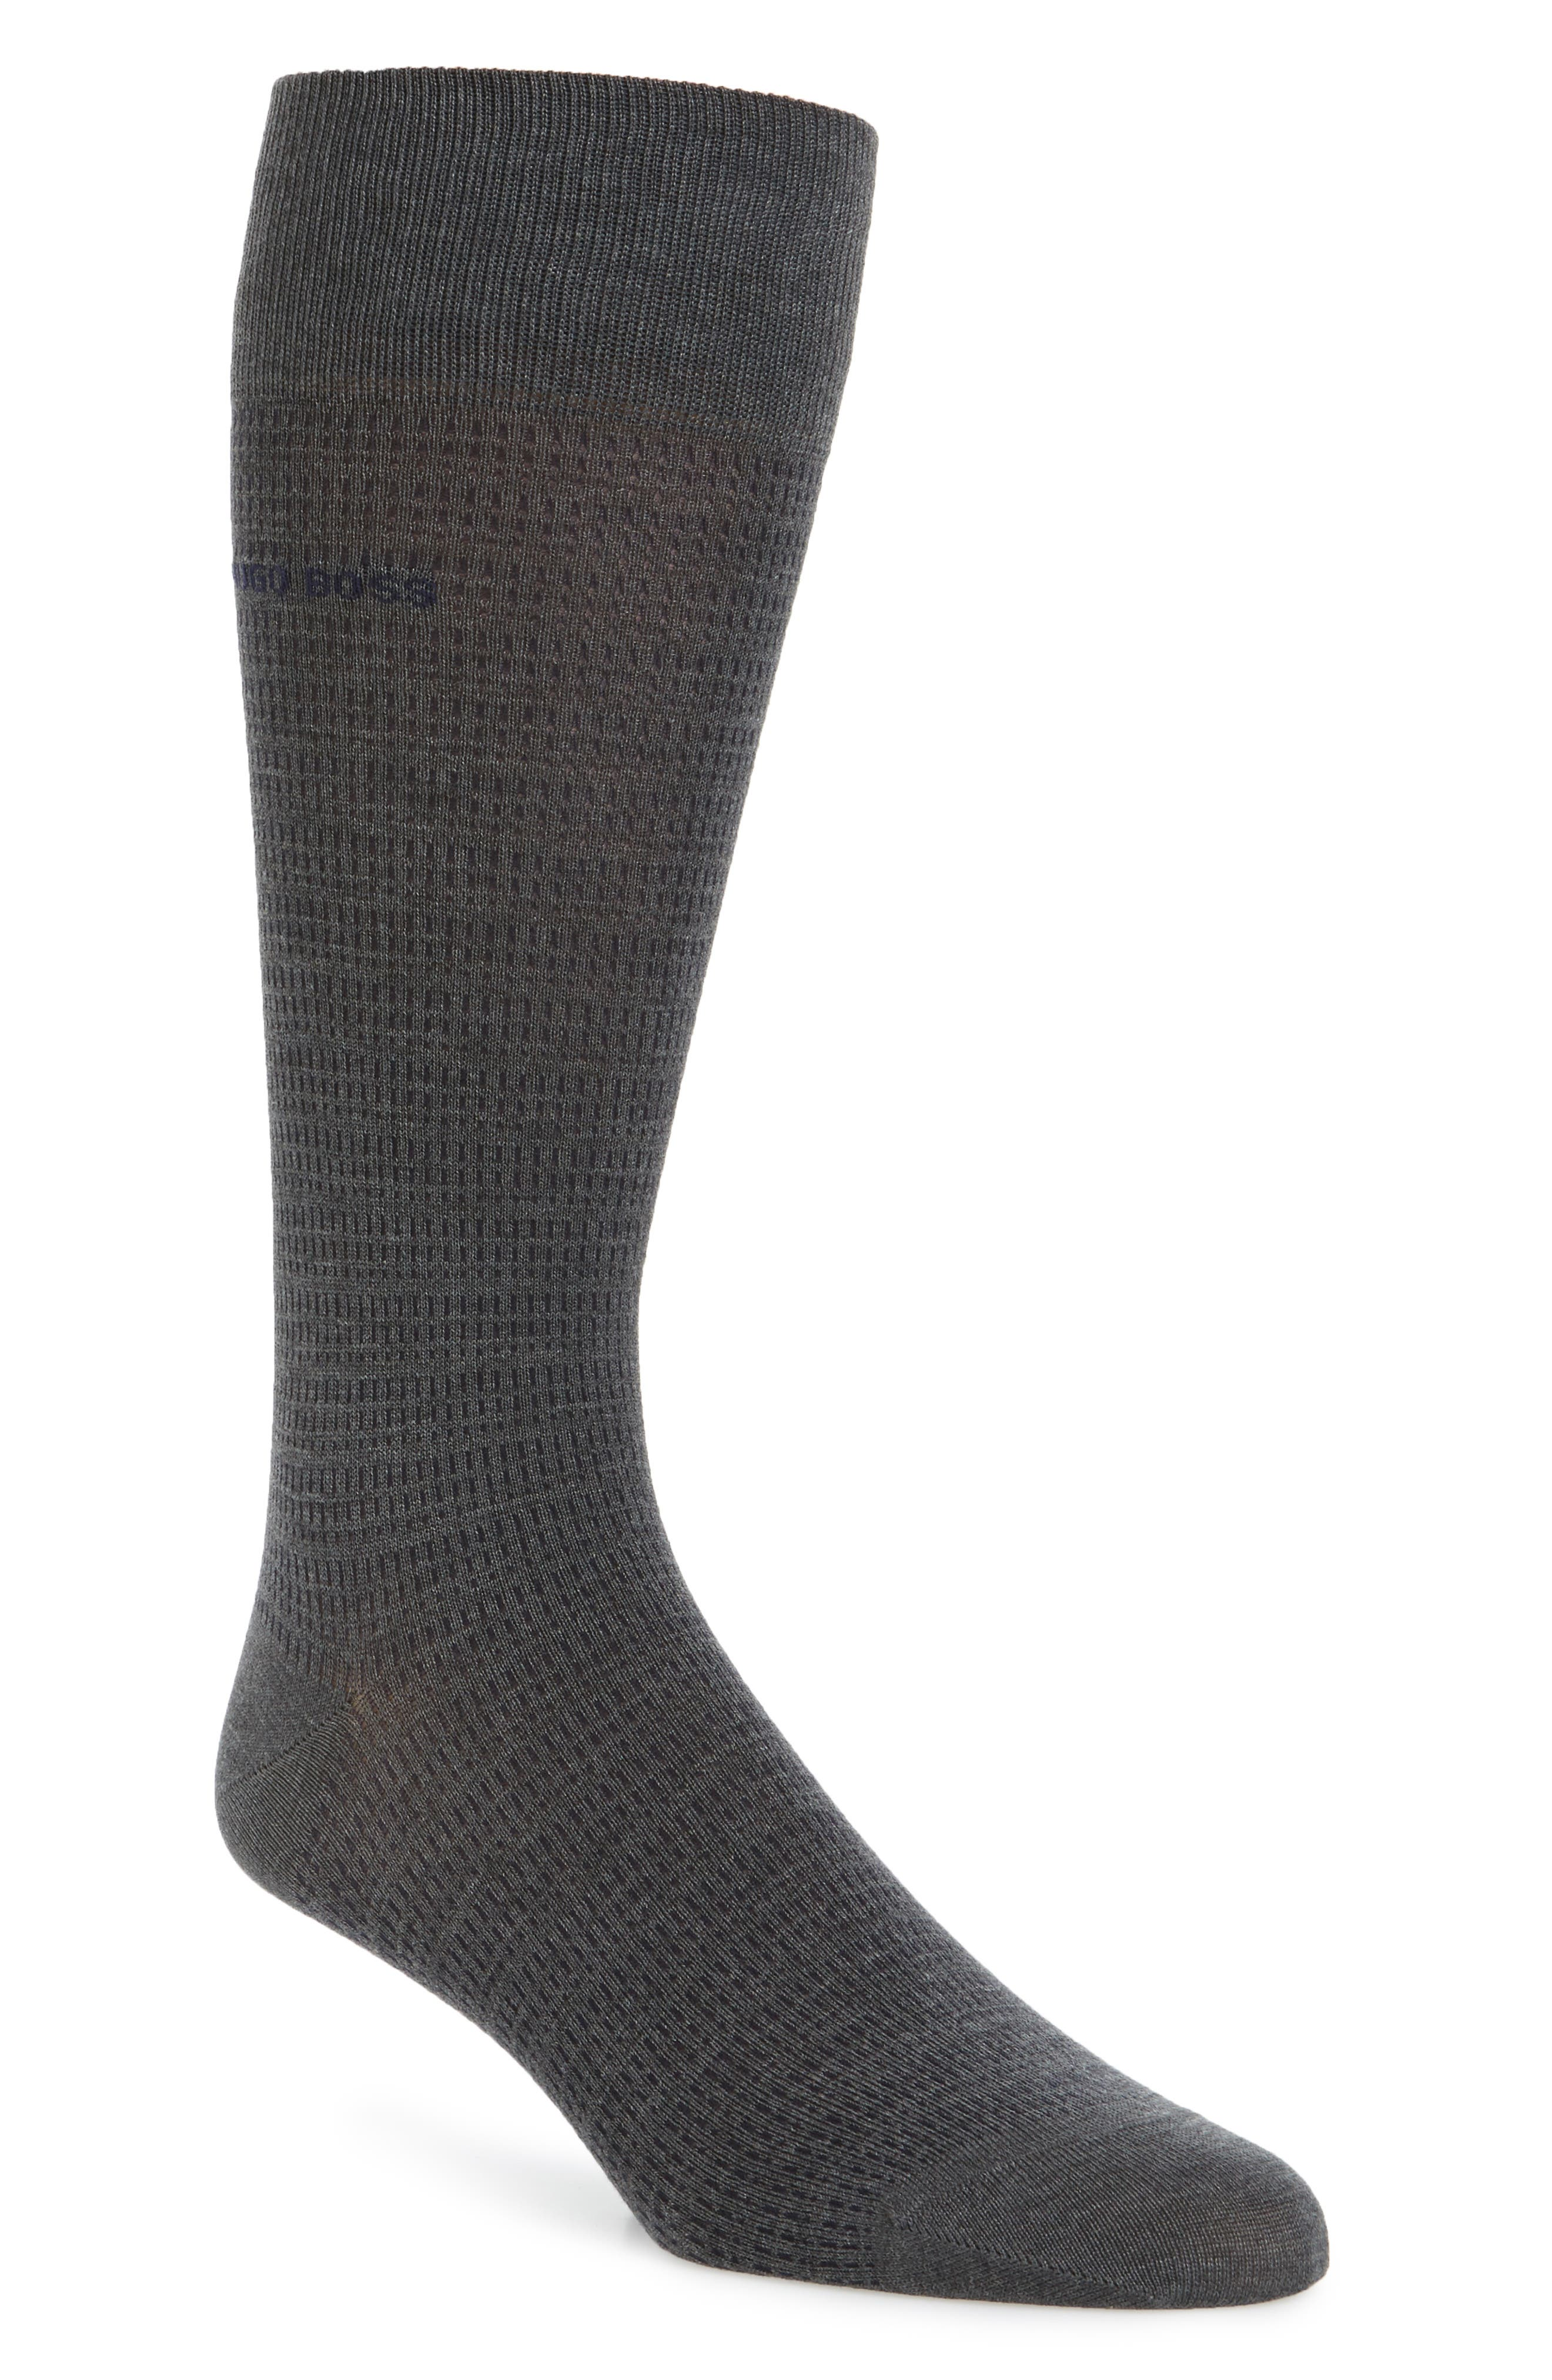 BOSS Micro Jacquard Socks